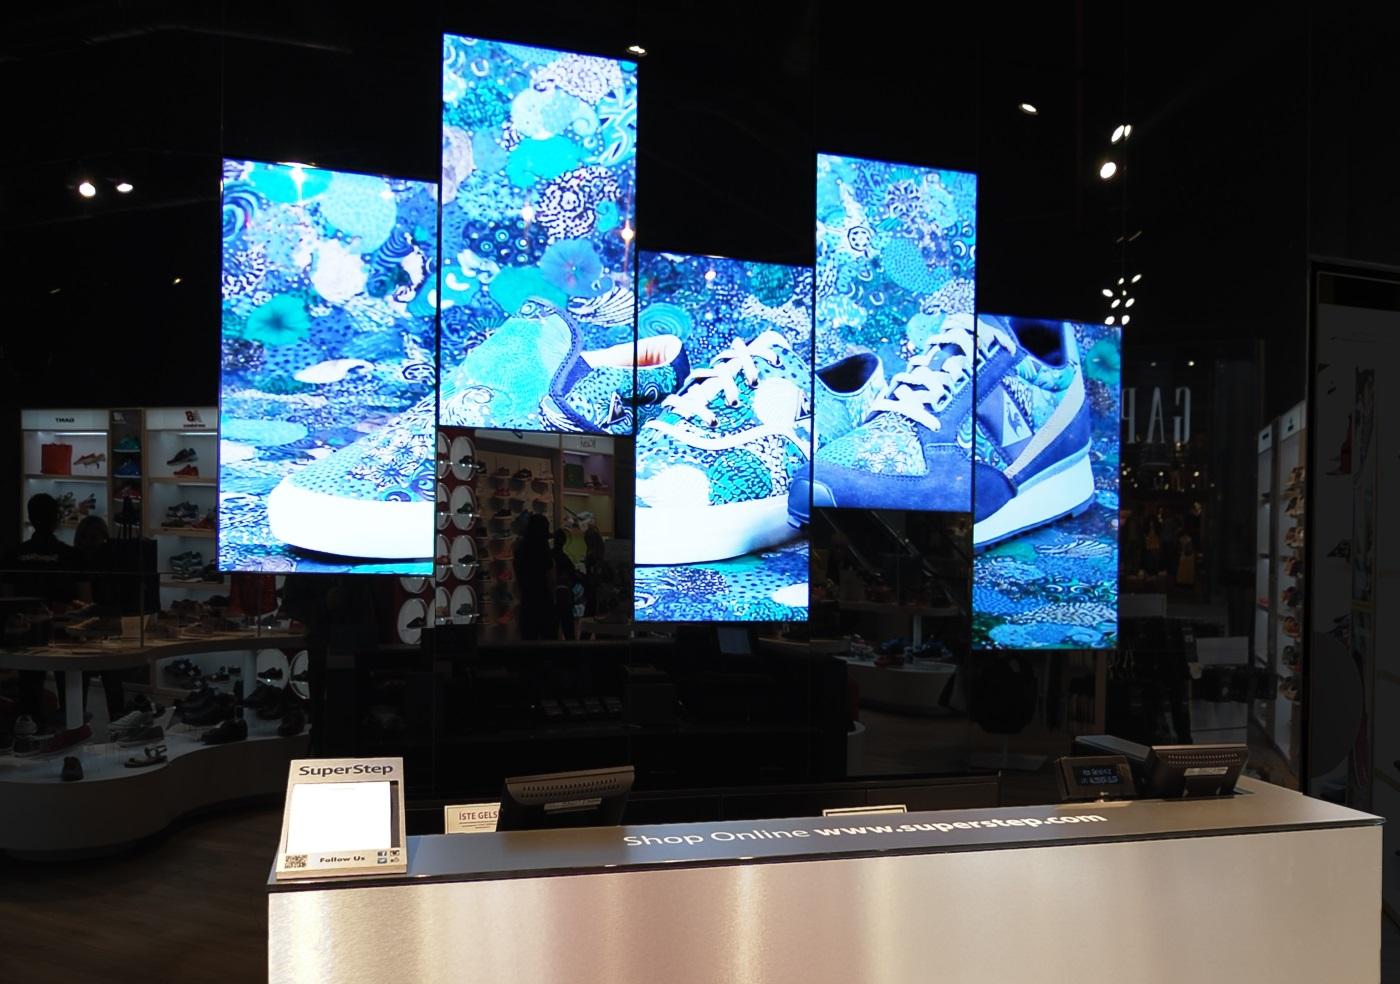 Mağazalarda yaygınlaşan dijital ekran yayıncılığı yoğun ilgi görüyor